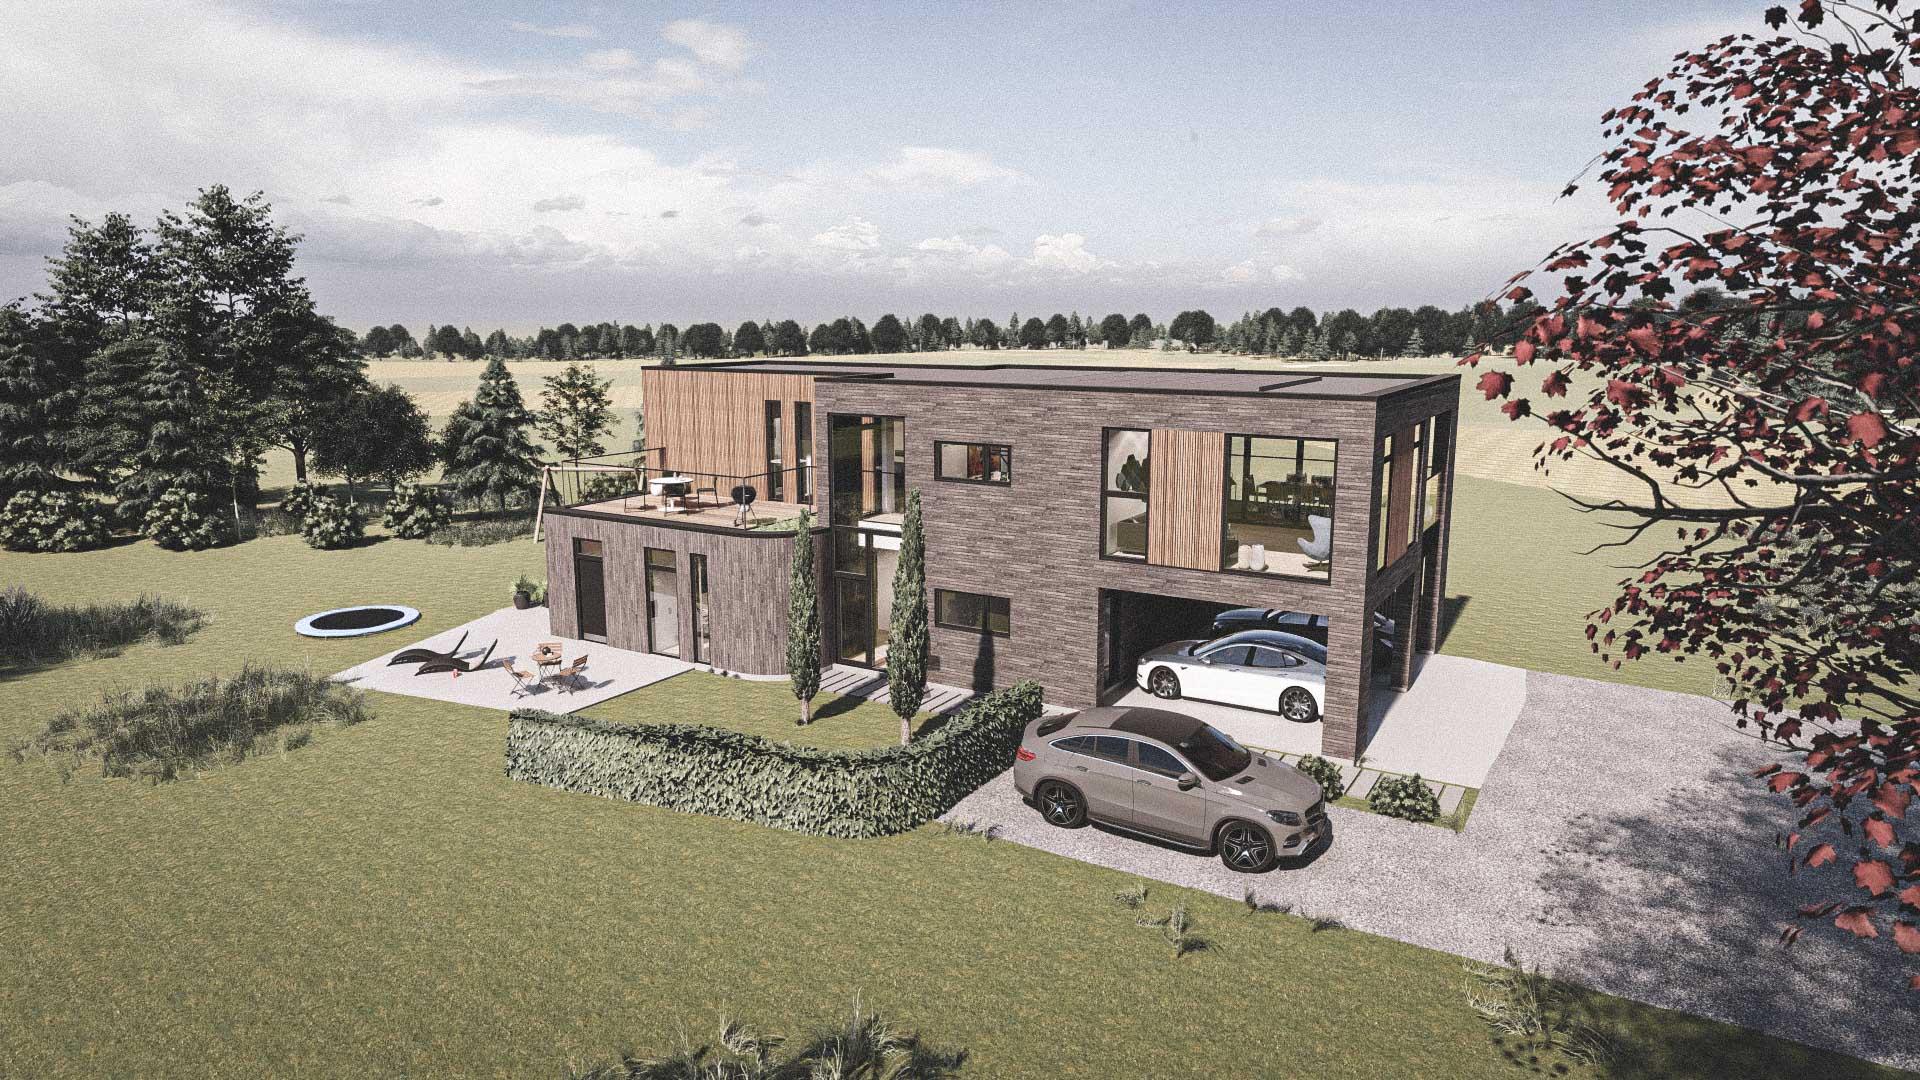 Billede af et arkitekt tegnet projektforslag af ny drømme villa i Ry, af det danske arkitektfirma m2plus